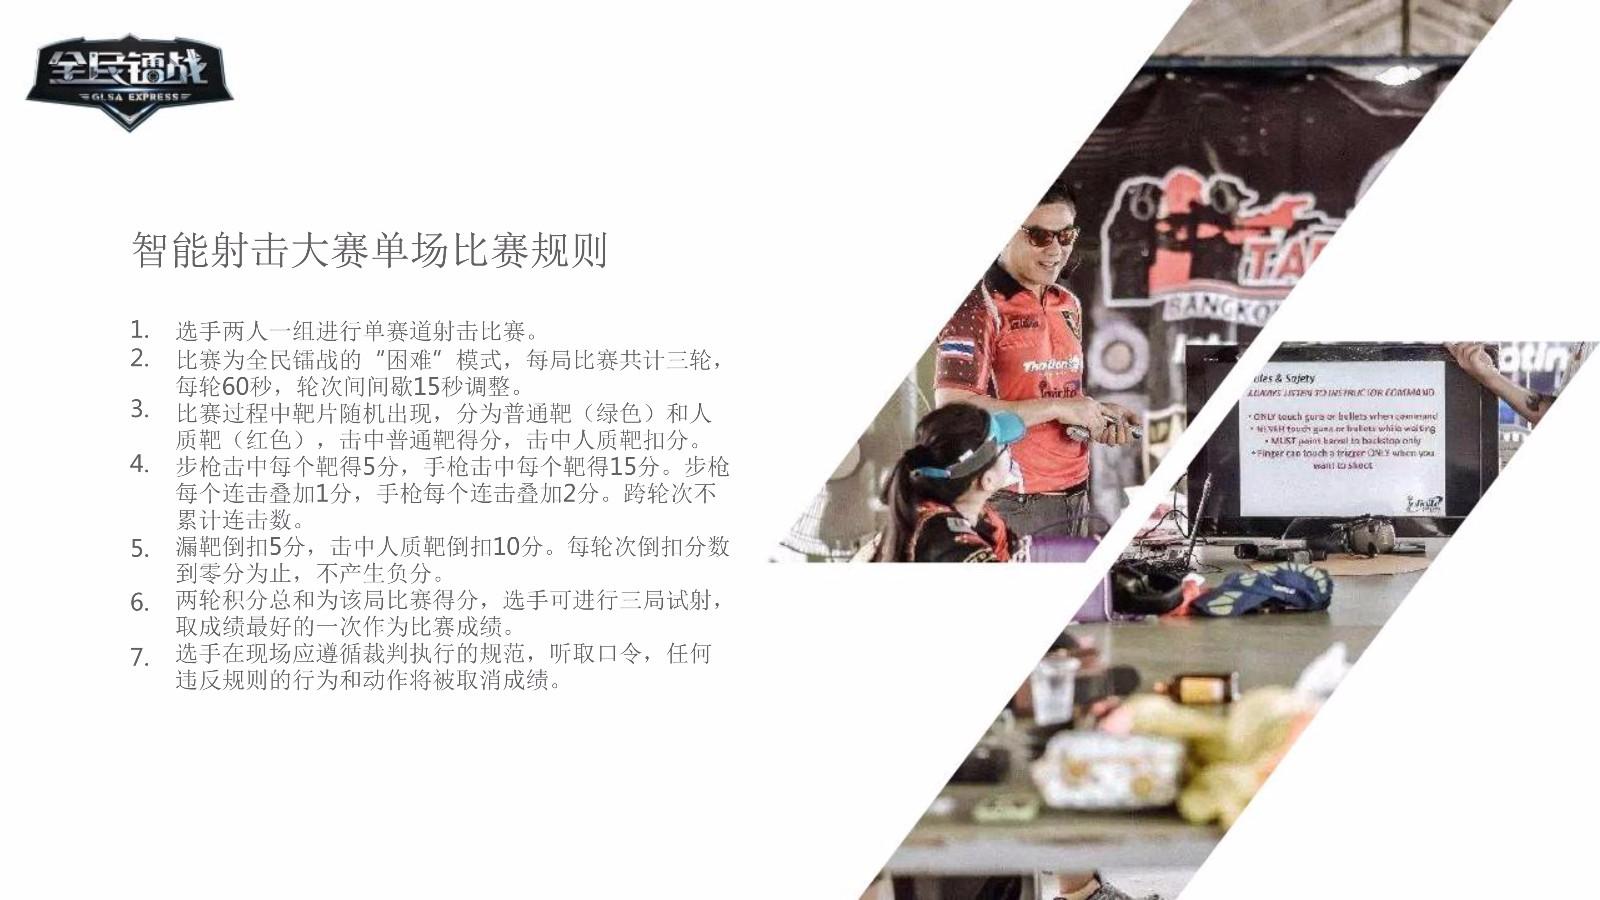 全民镭战射击大赛2018-亲子赛(2)-6.jpg